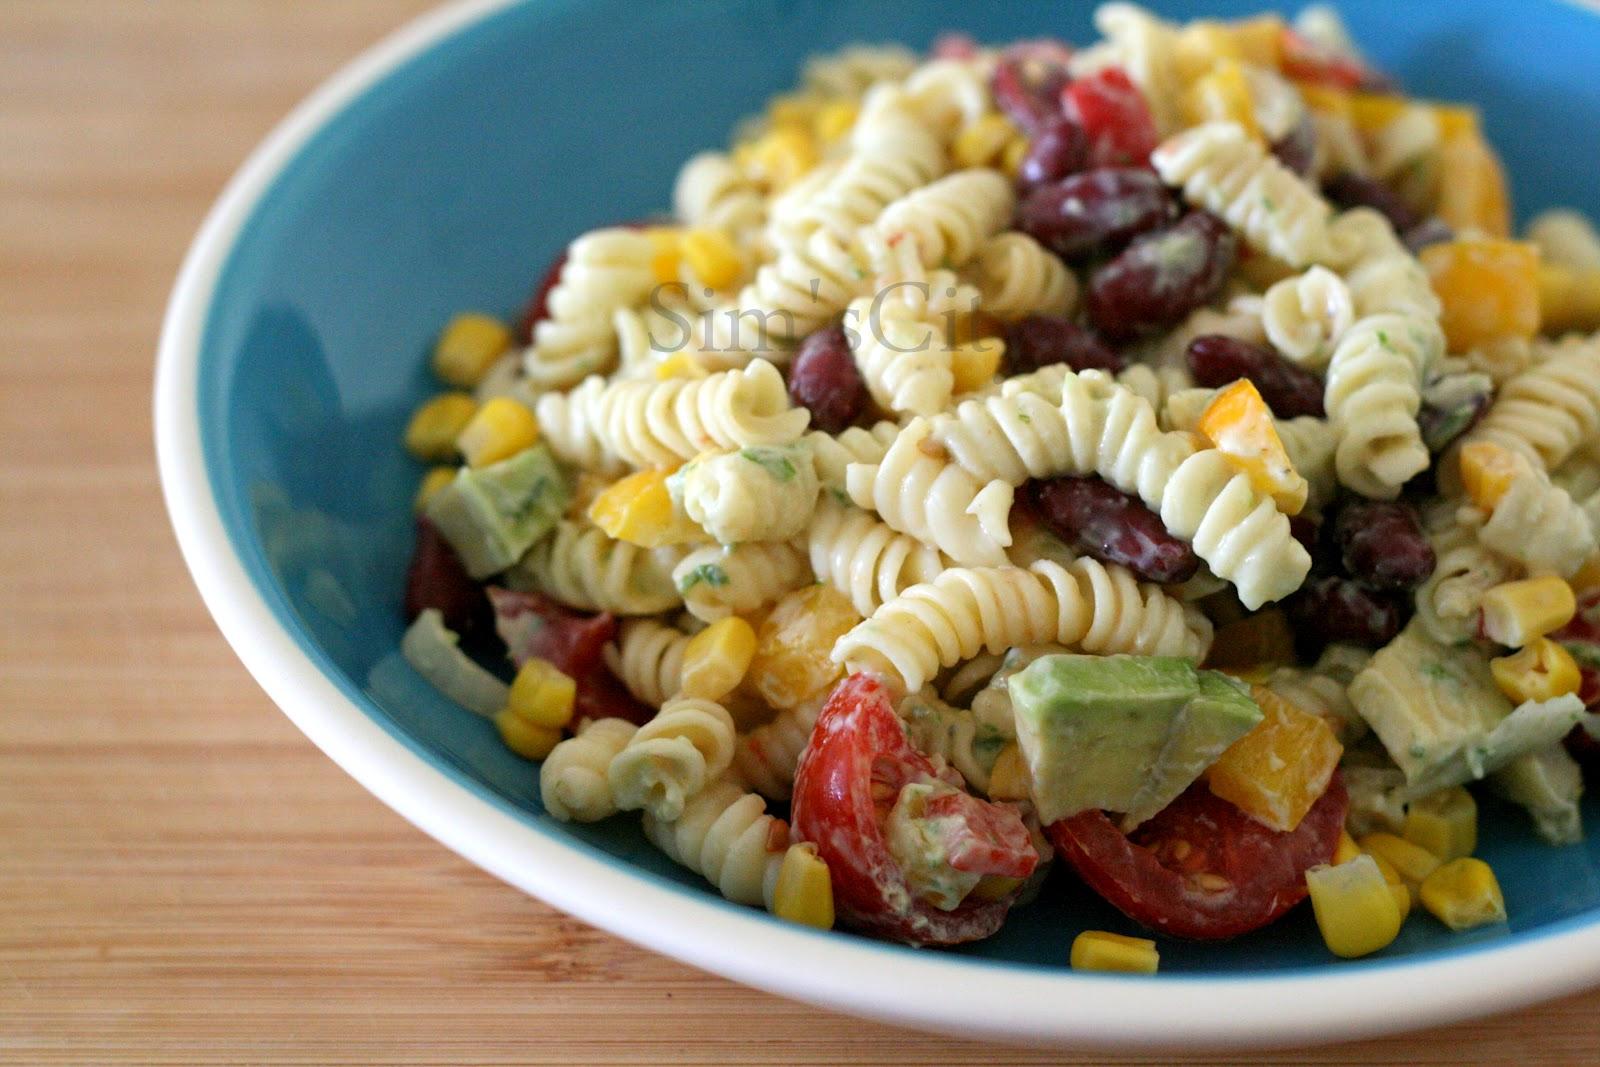 Pesto soslu avokadolu makarna salatası